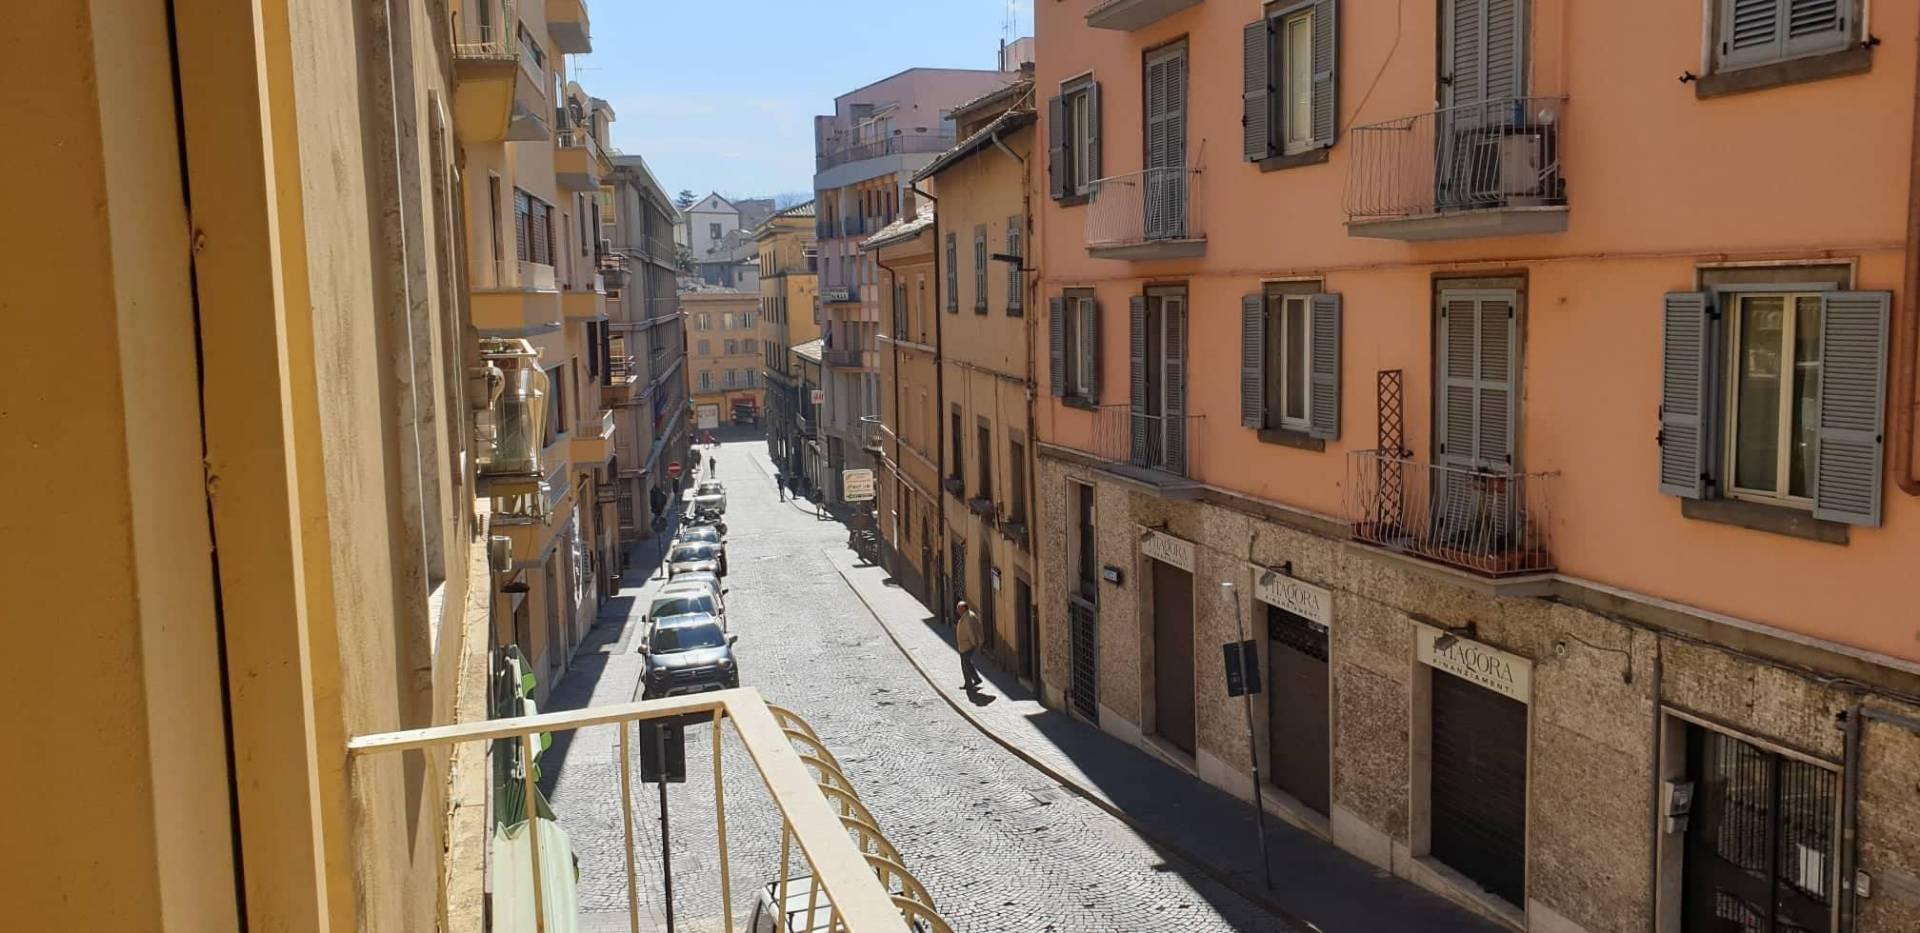 Appartamento in vendita a Viterbo, 5 locali, zona Zona: Centro, prezzo € 165.000   CambioCasa.it